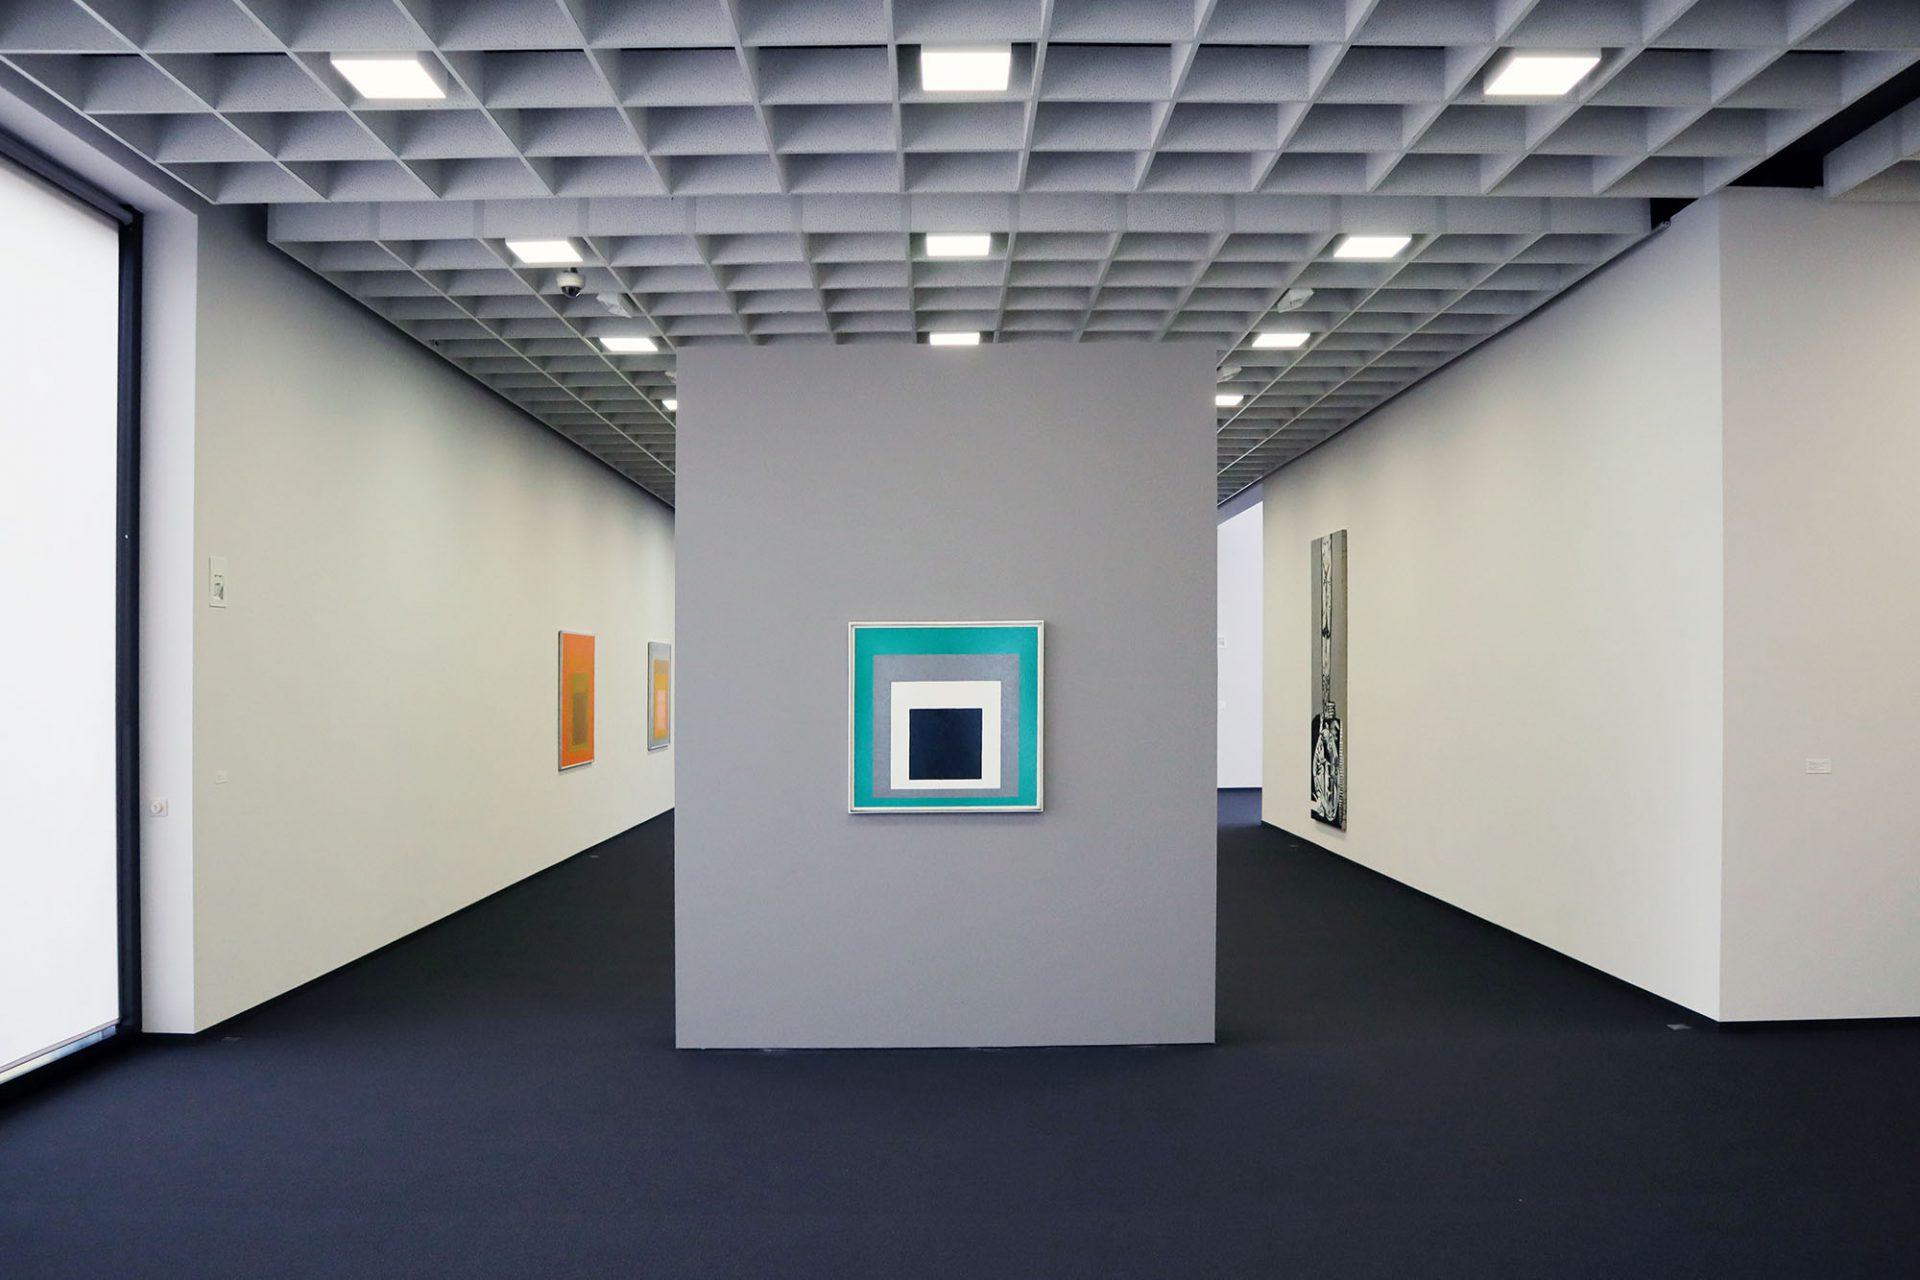 Josef Albers Museum Quadrat. Das Quadrat ist das bestimmende Motiv in Albers Arbeiten und in der Architektur des Museums.